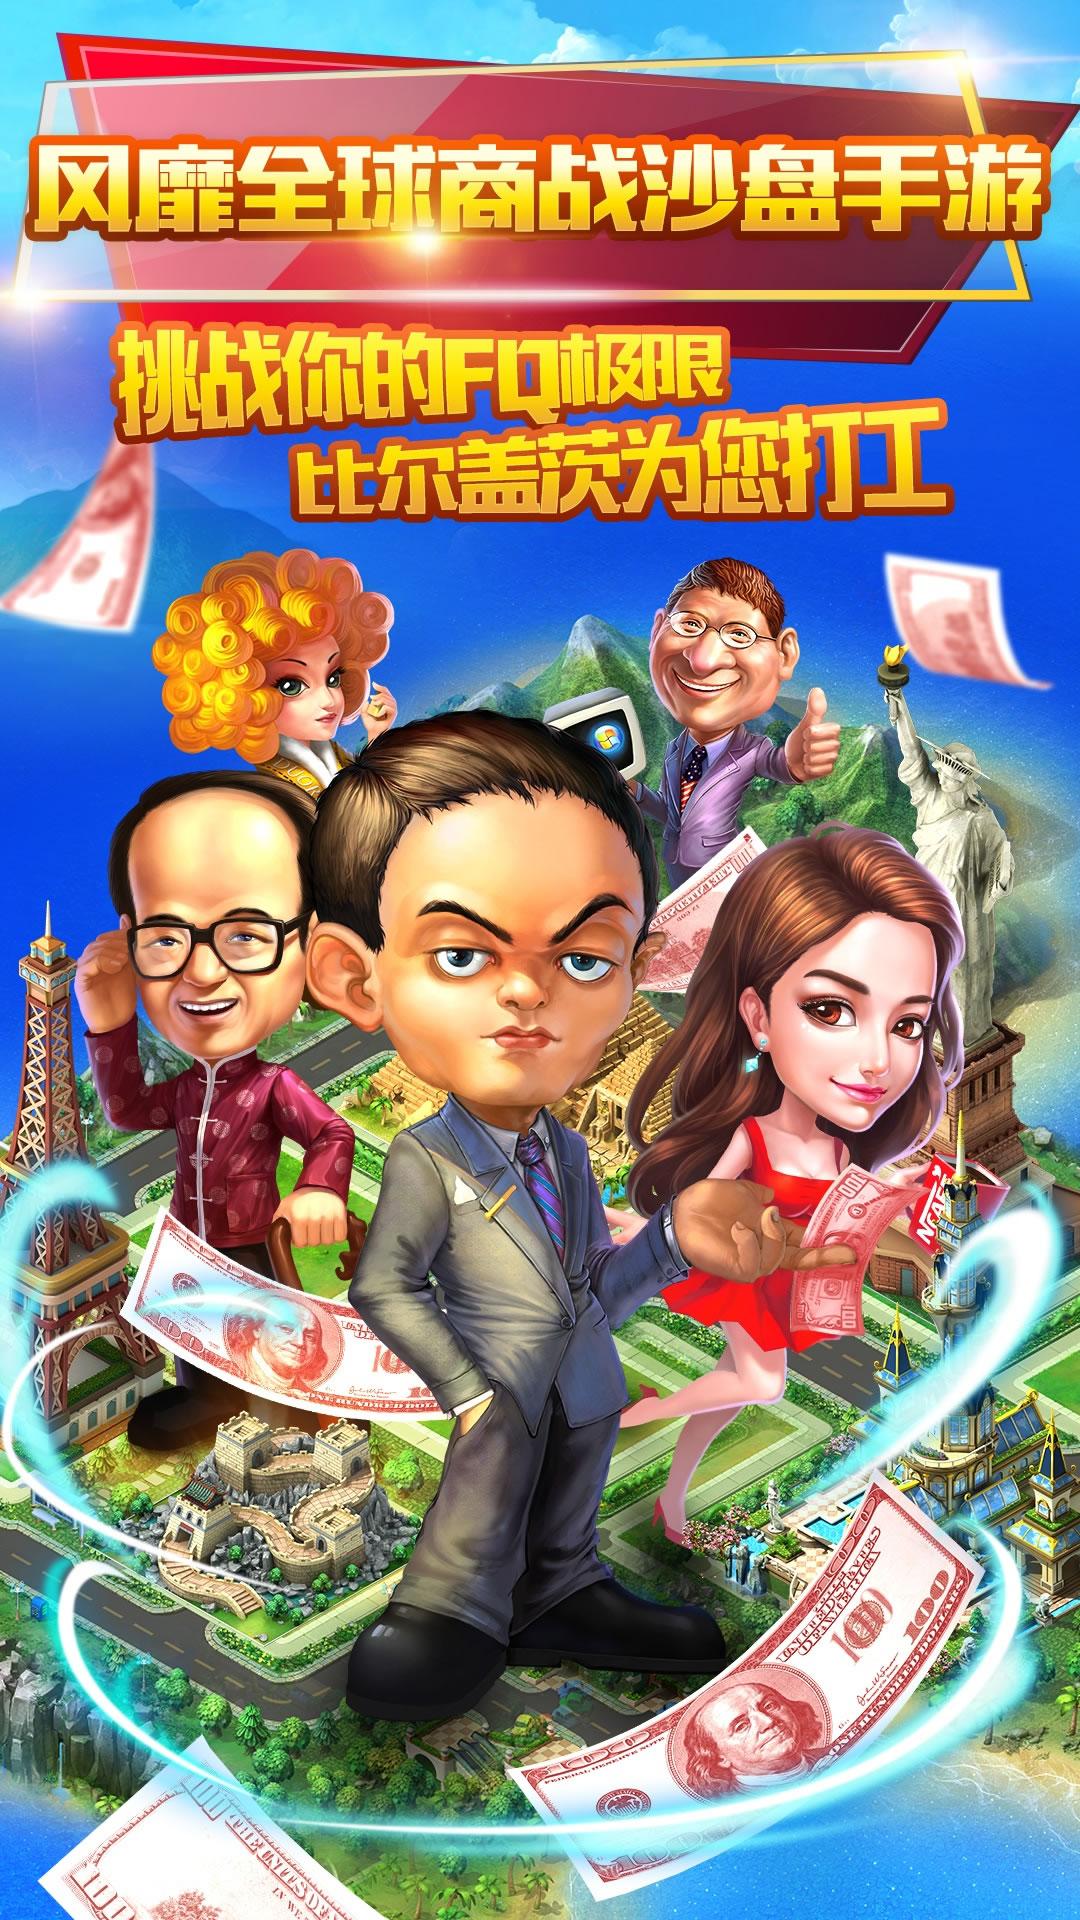 大富豪2商业大亨图1: